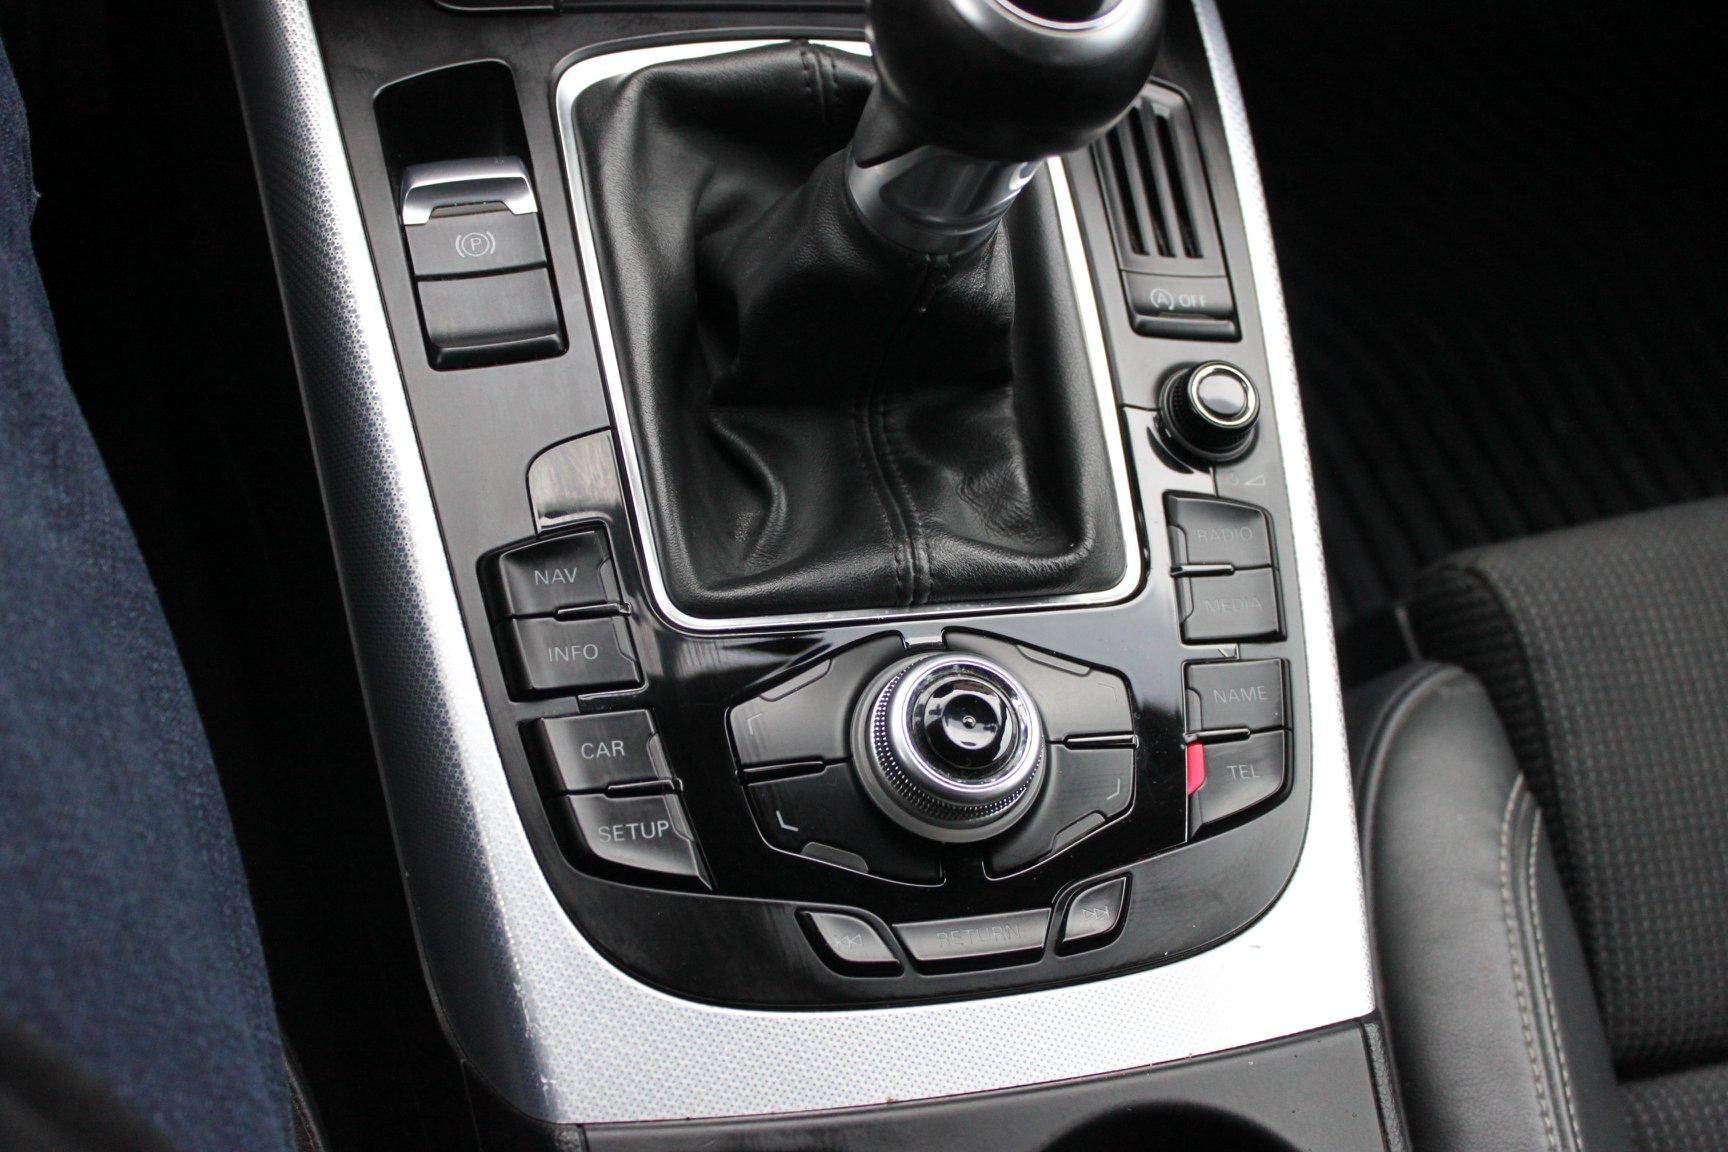 AUDI A4 B8 2010 2.0 TDI QUATTRO